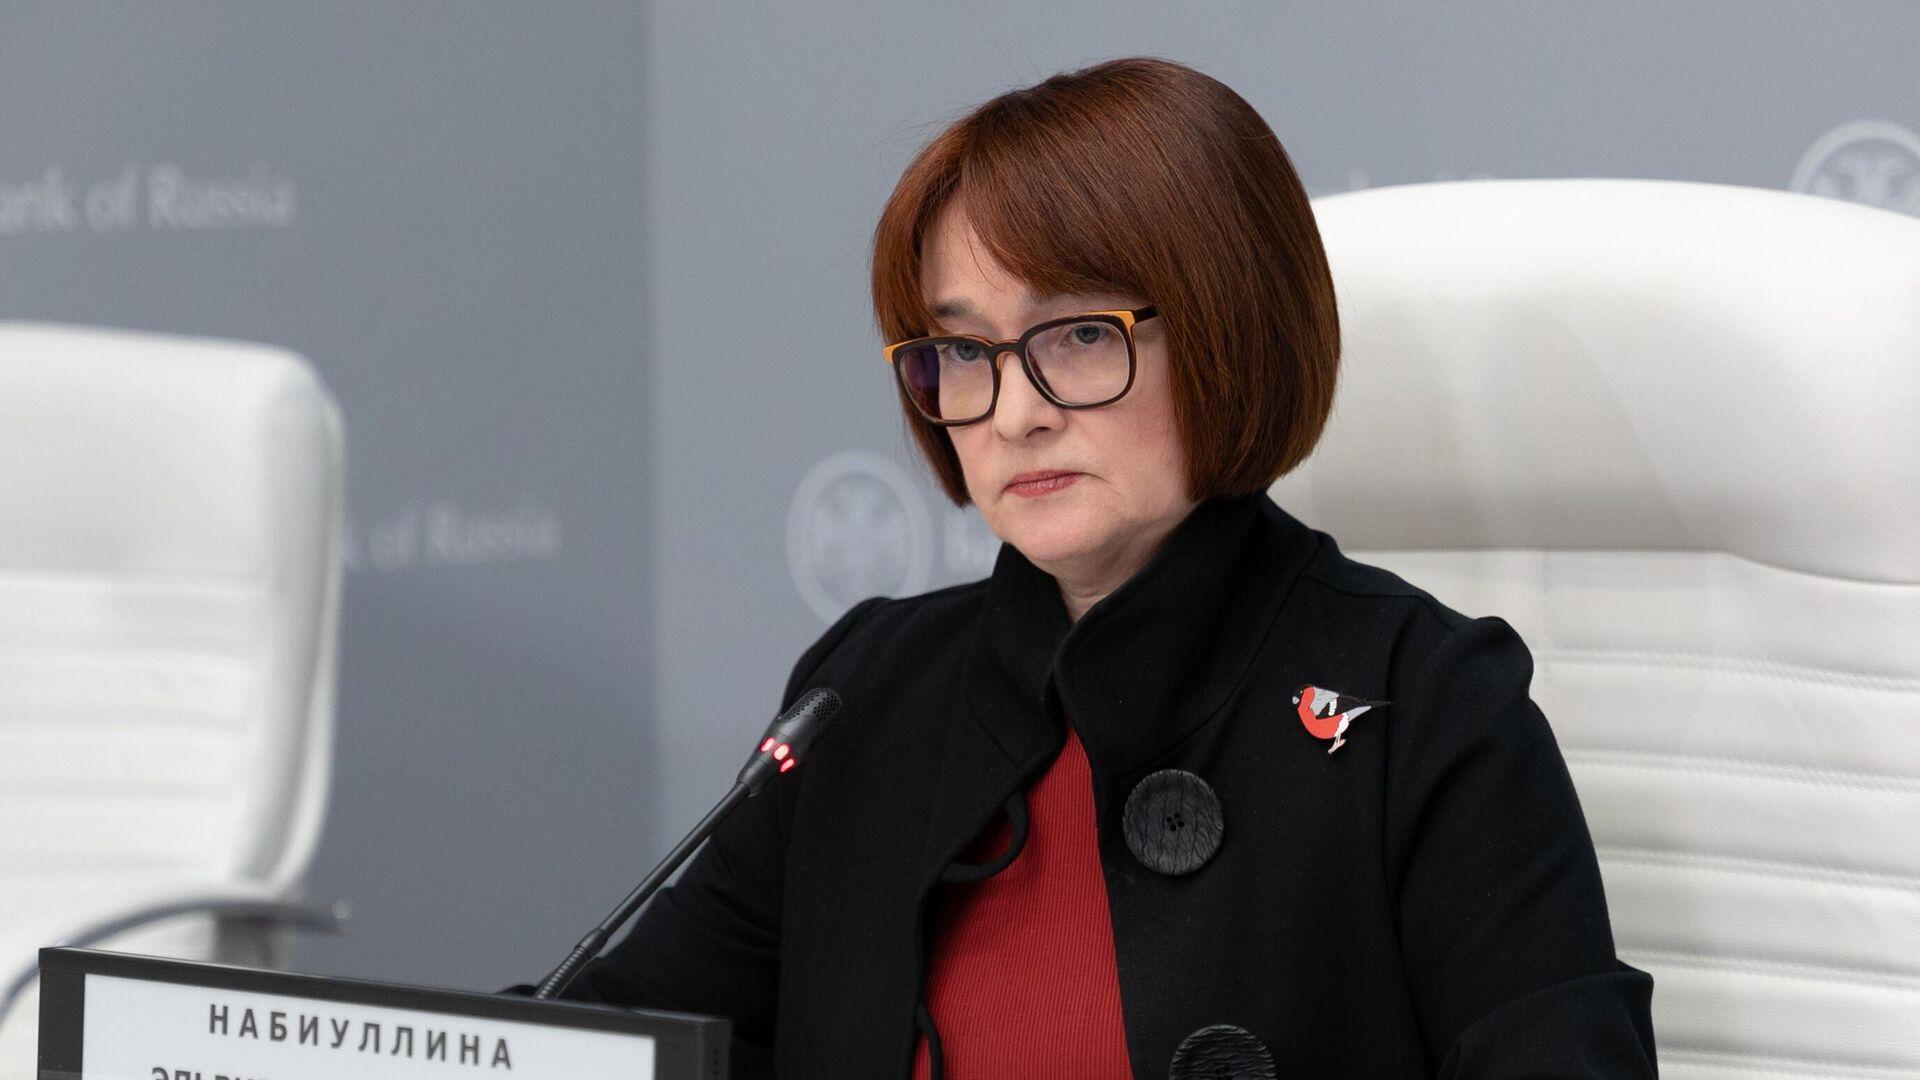 Председатель Центрального банка РФ Эльвира Набиуллина выступает на пресс-конференции - РИА Новости, 1920, 28.12.2020